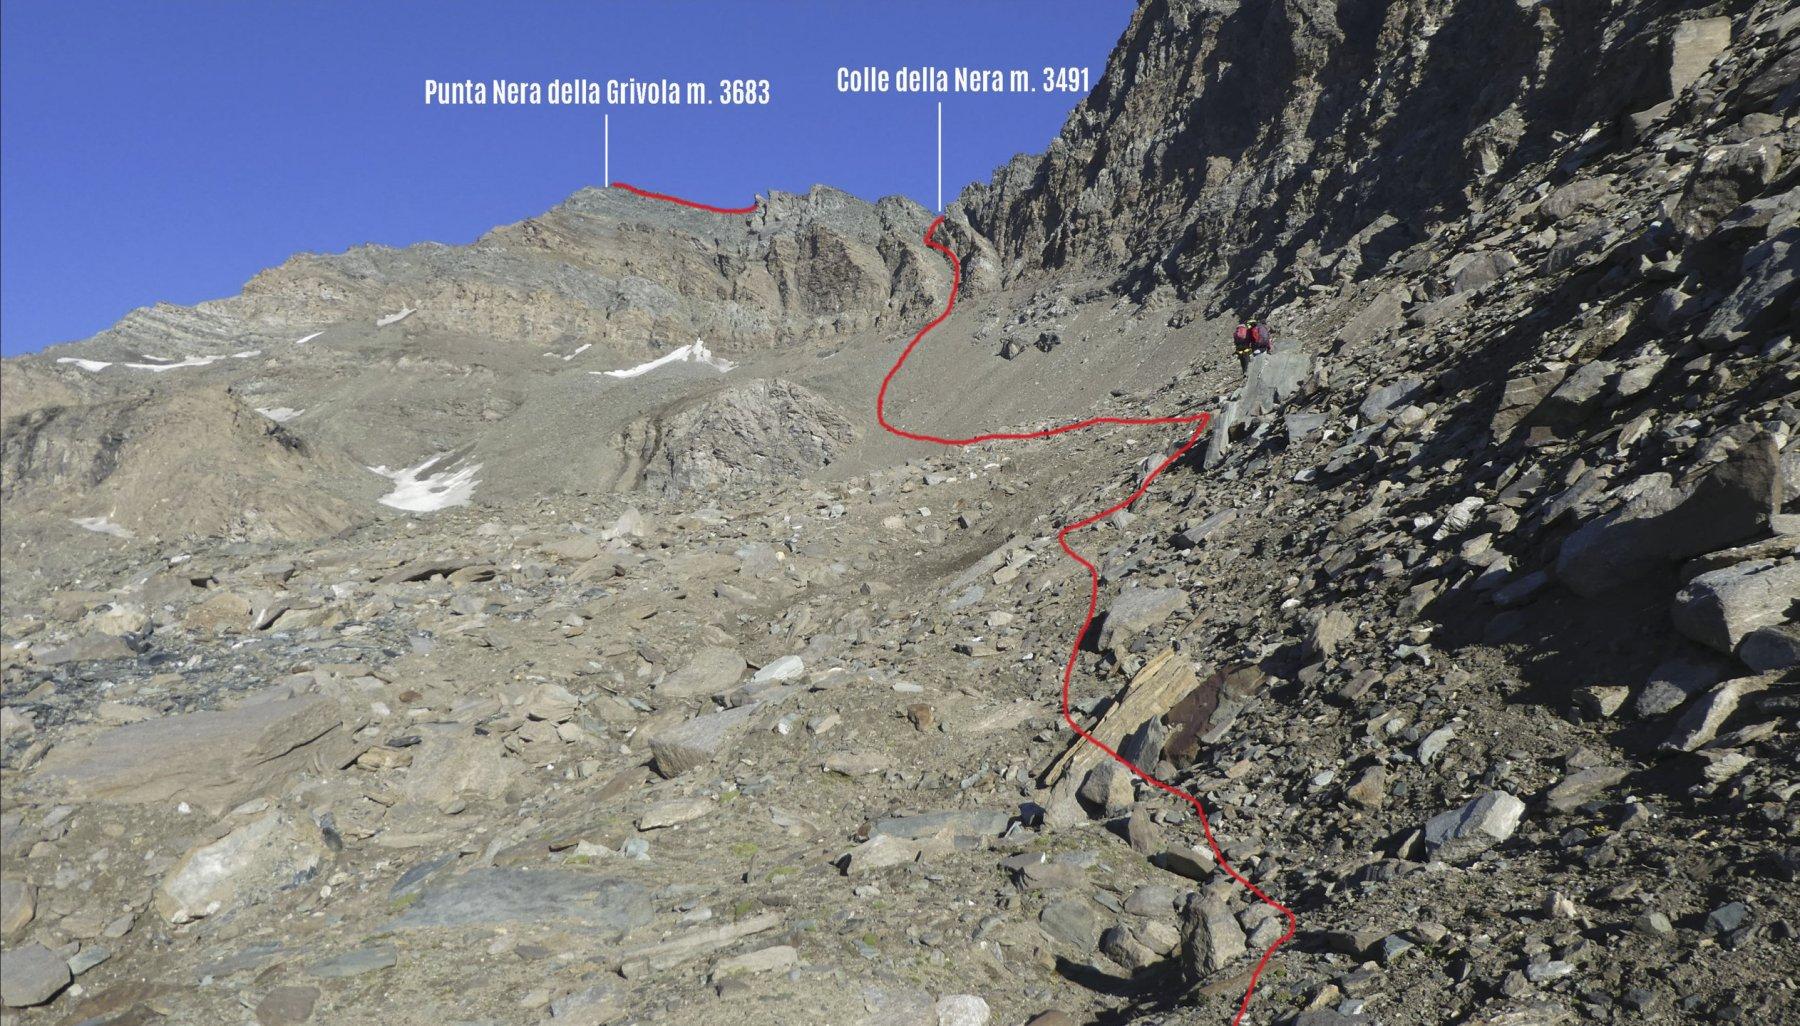 avvicinamento al Colle della Nera e alla cima con l'itinerario seguito